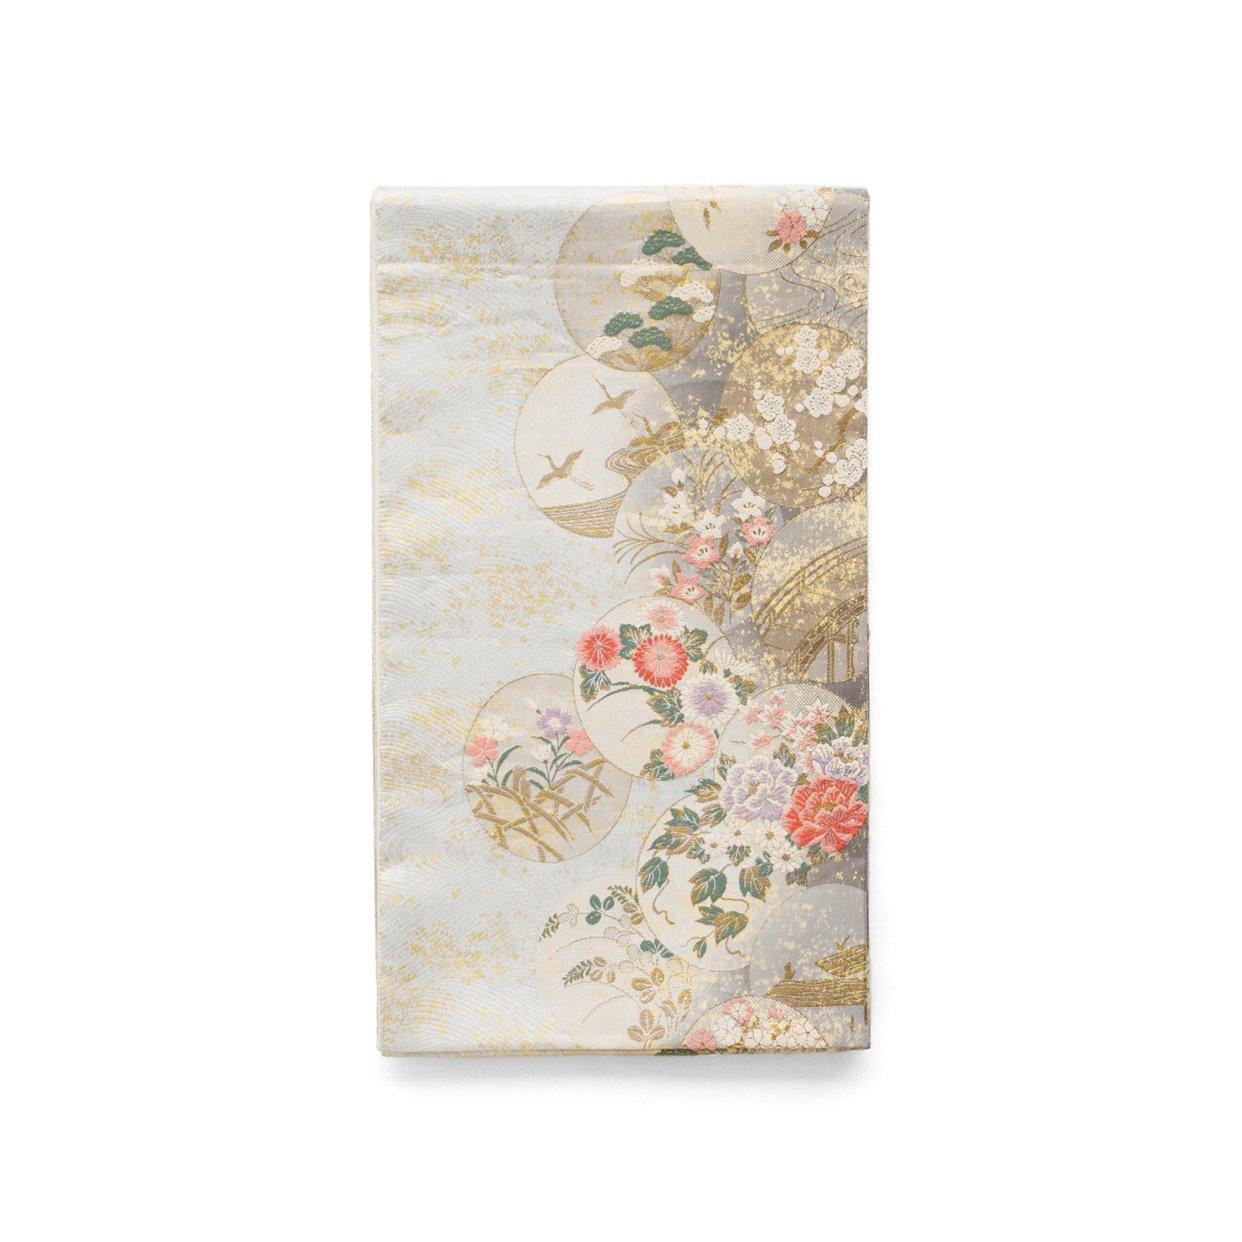 「袋帯●丸に花や鶴など」の商品画像